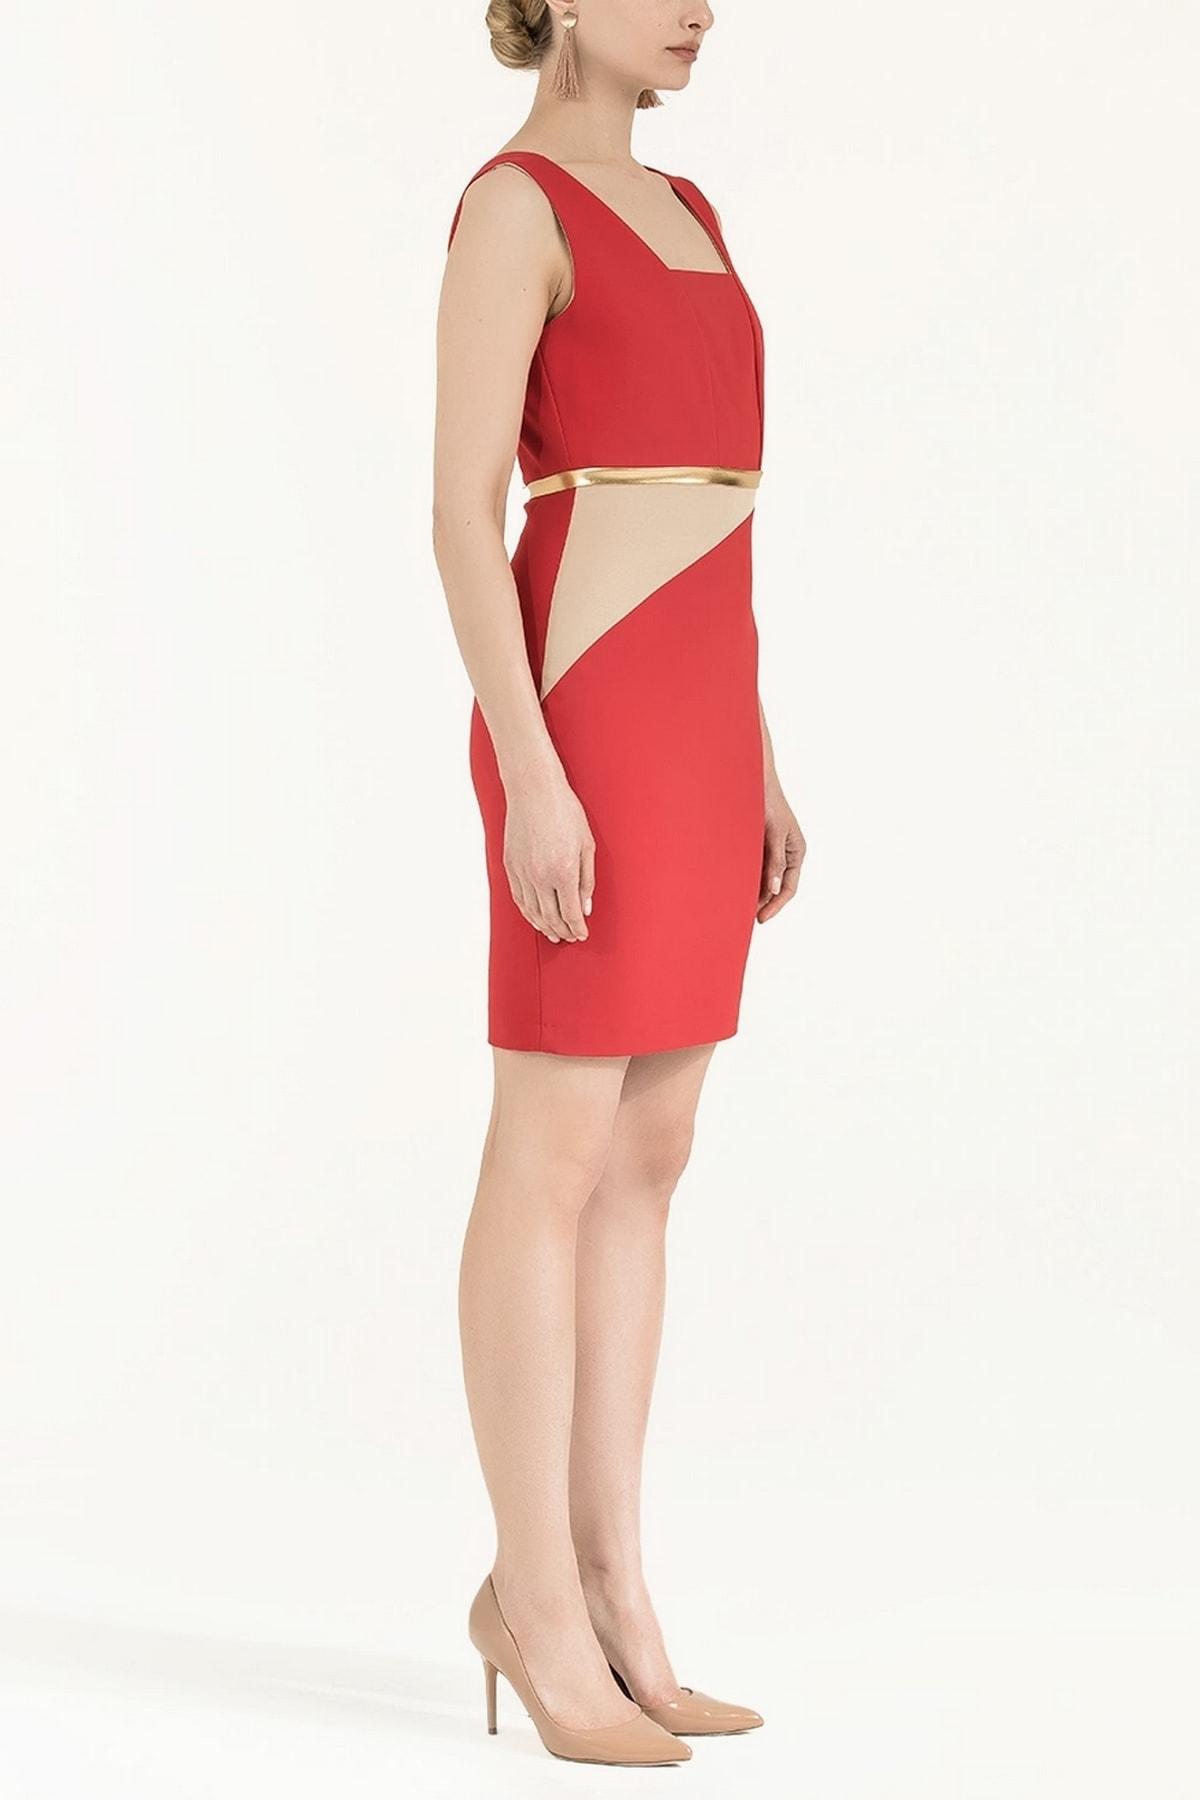 SOCIETA Lame Mixli Elbise Kırmızı 91565 2